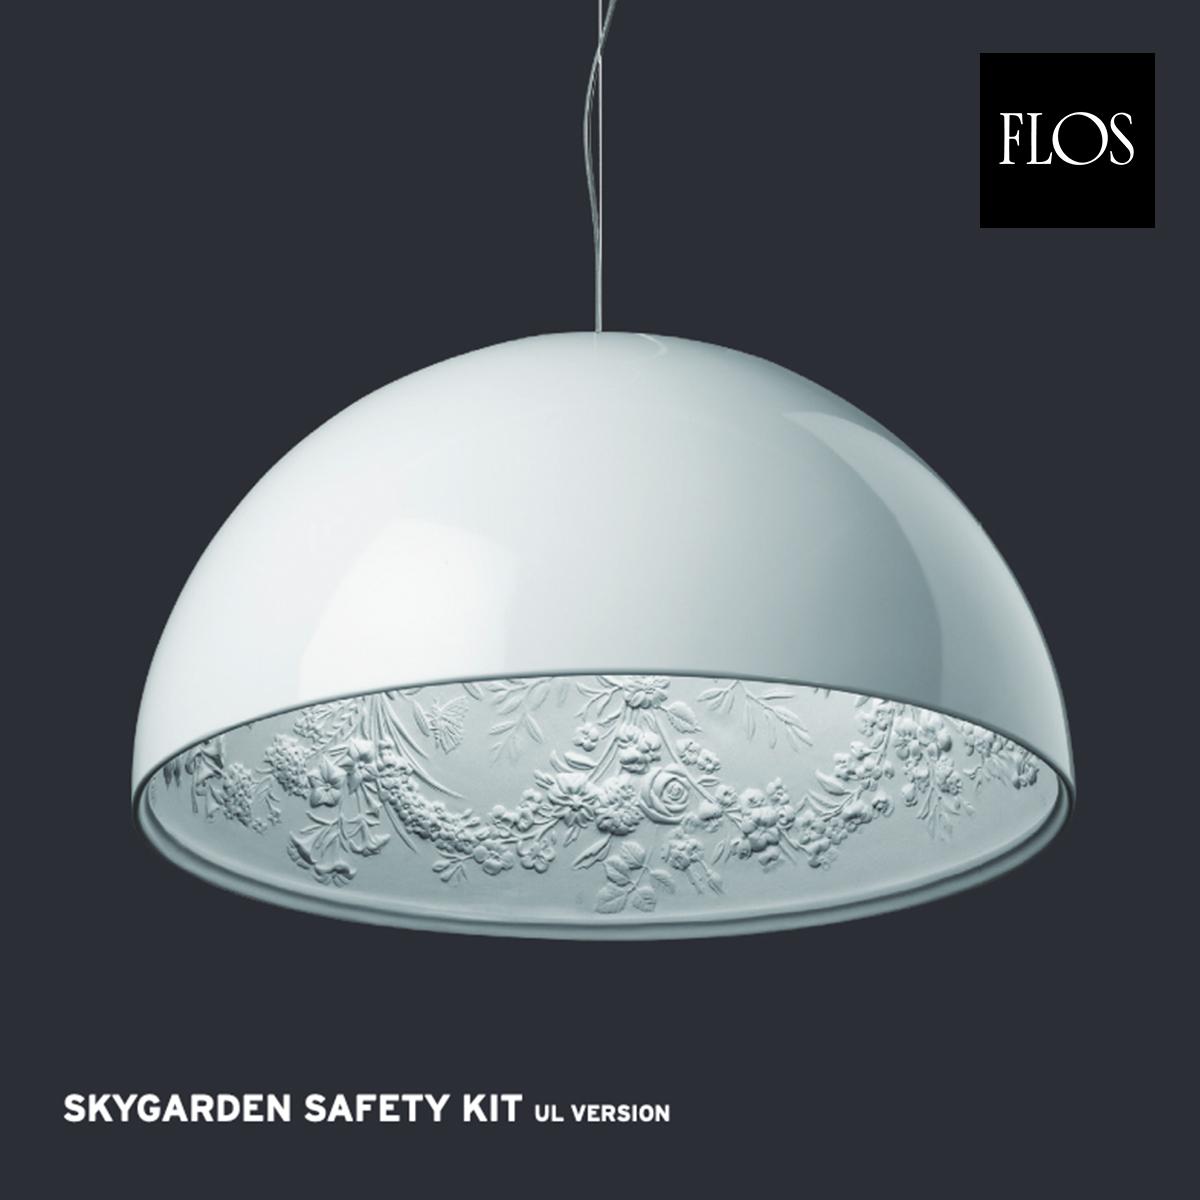 skygarden-safety-kit-booklet.jpg